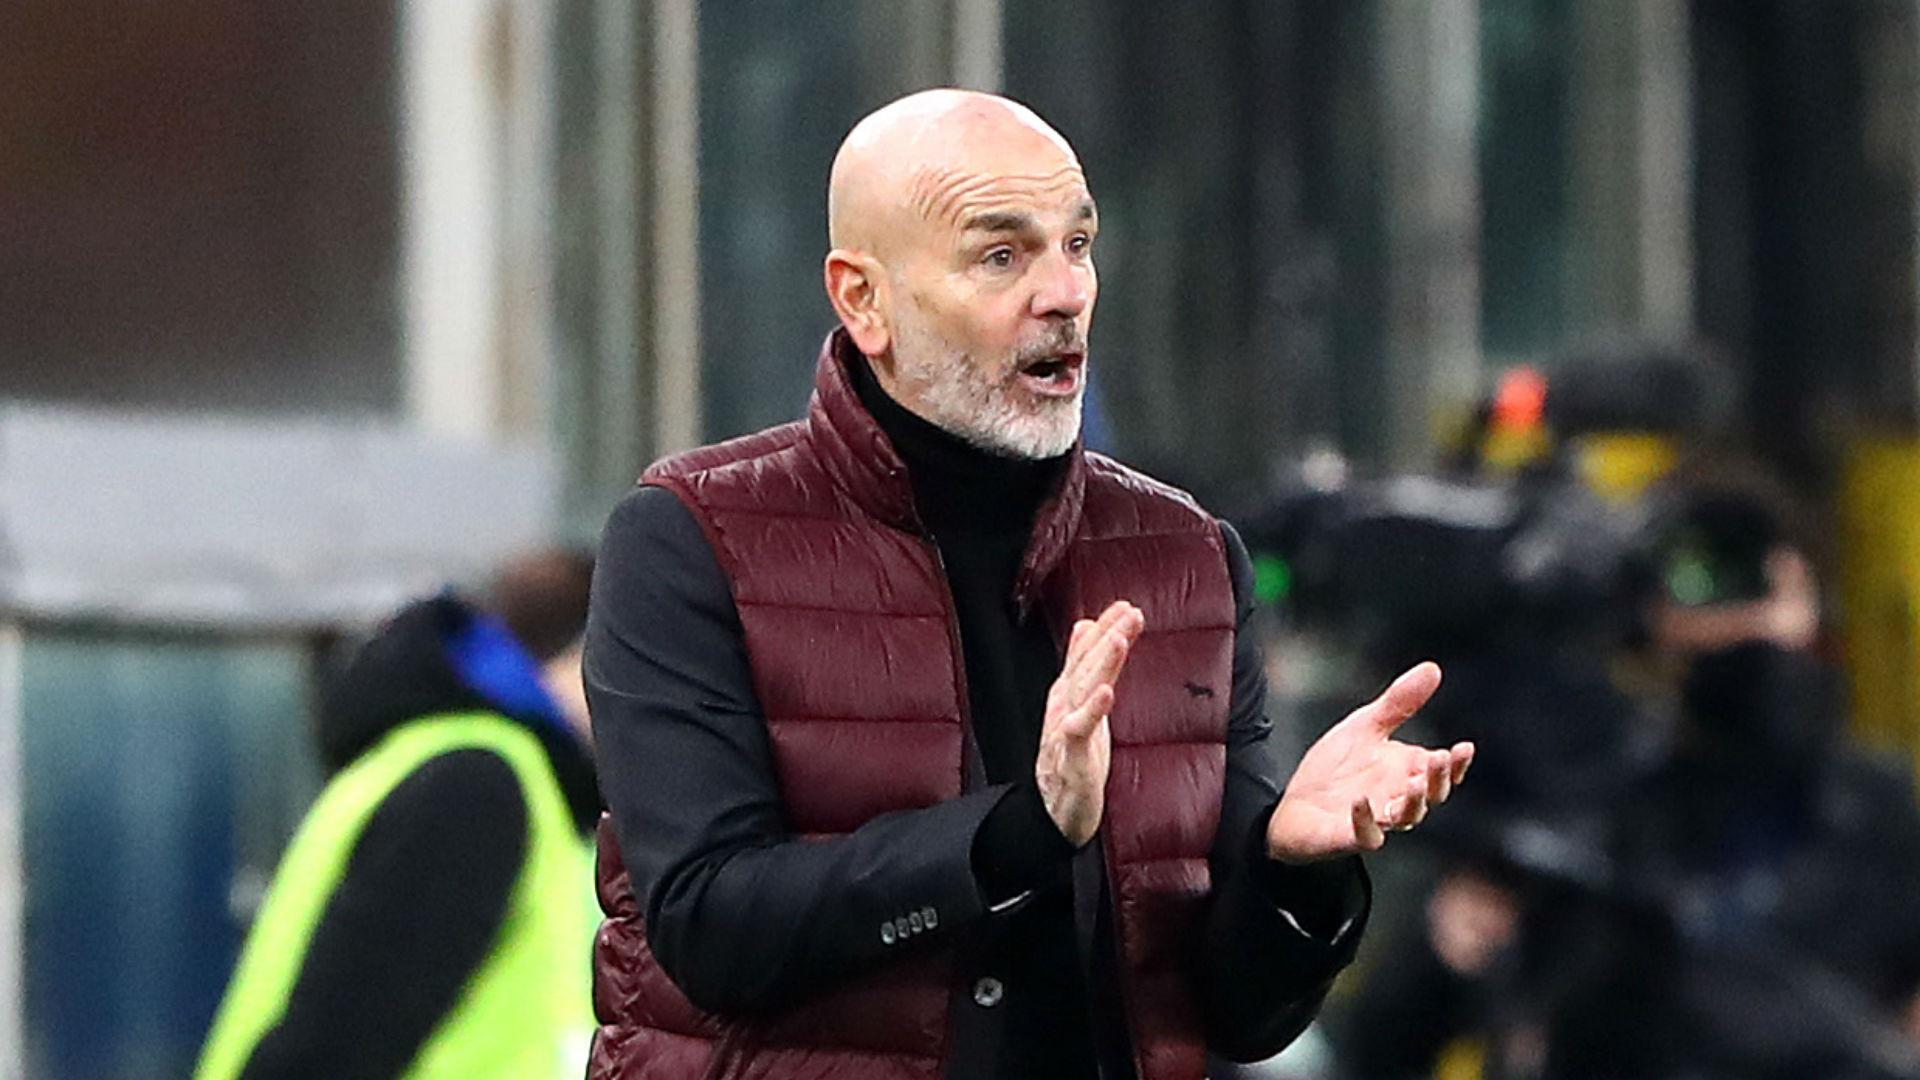 Sampdoria 1-2 Milan: Kessie and Castillejo clinch gritty win